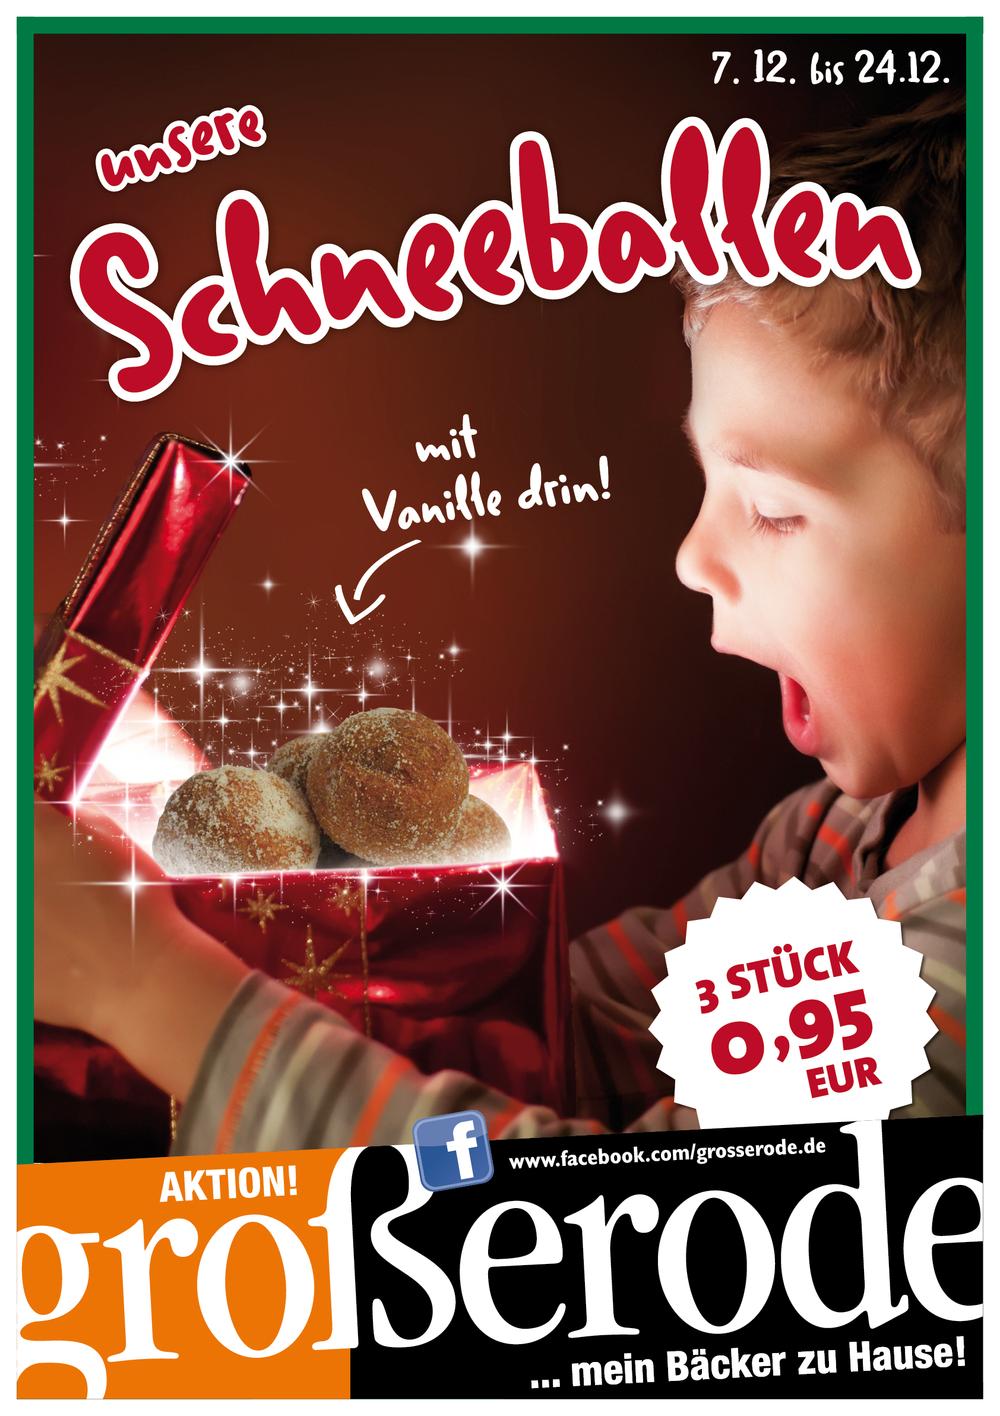 20151116_Grosserode_Weihnachten_Schneeball_Web.png